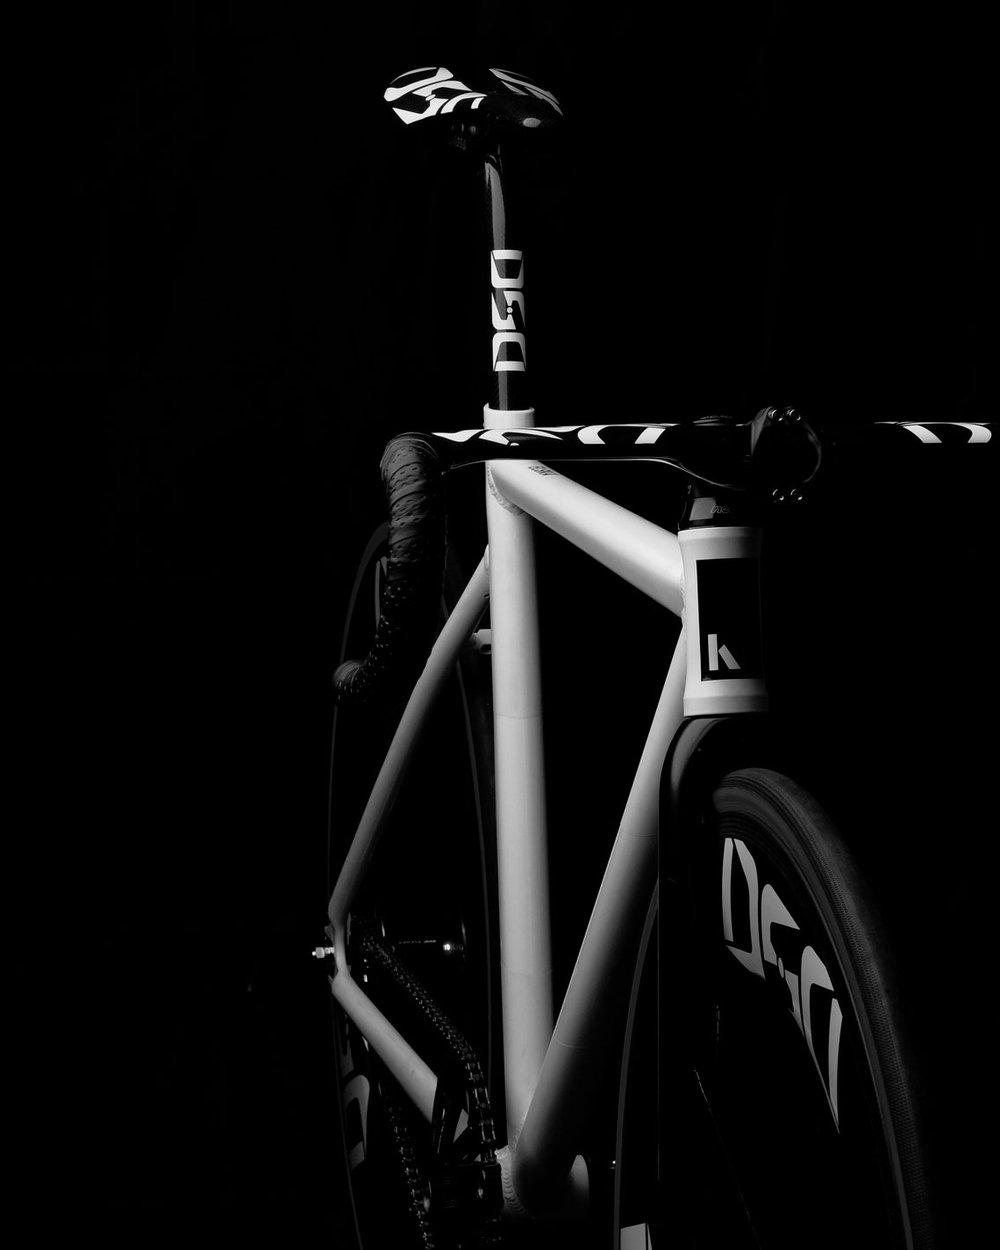 _4130076-Kingdom-DSD-Race-Bike.jpg